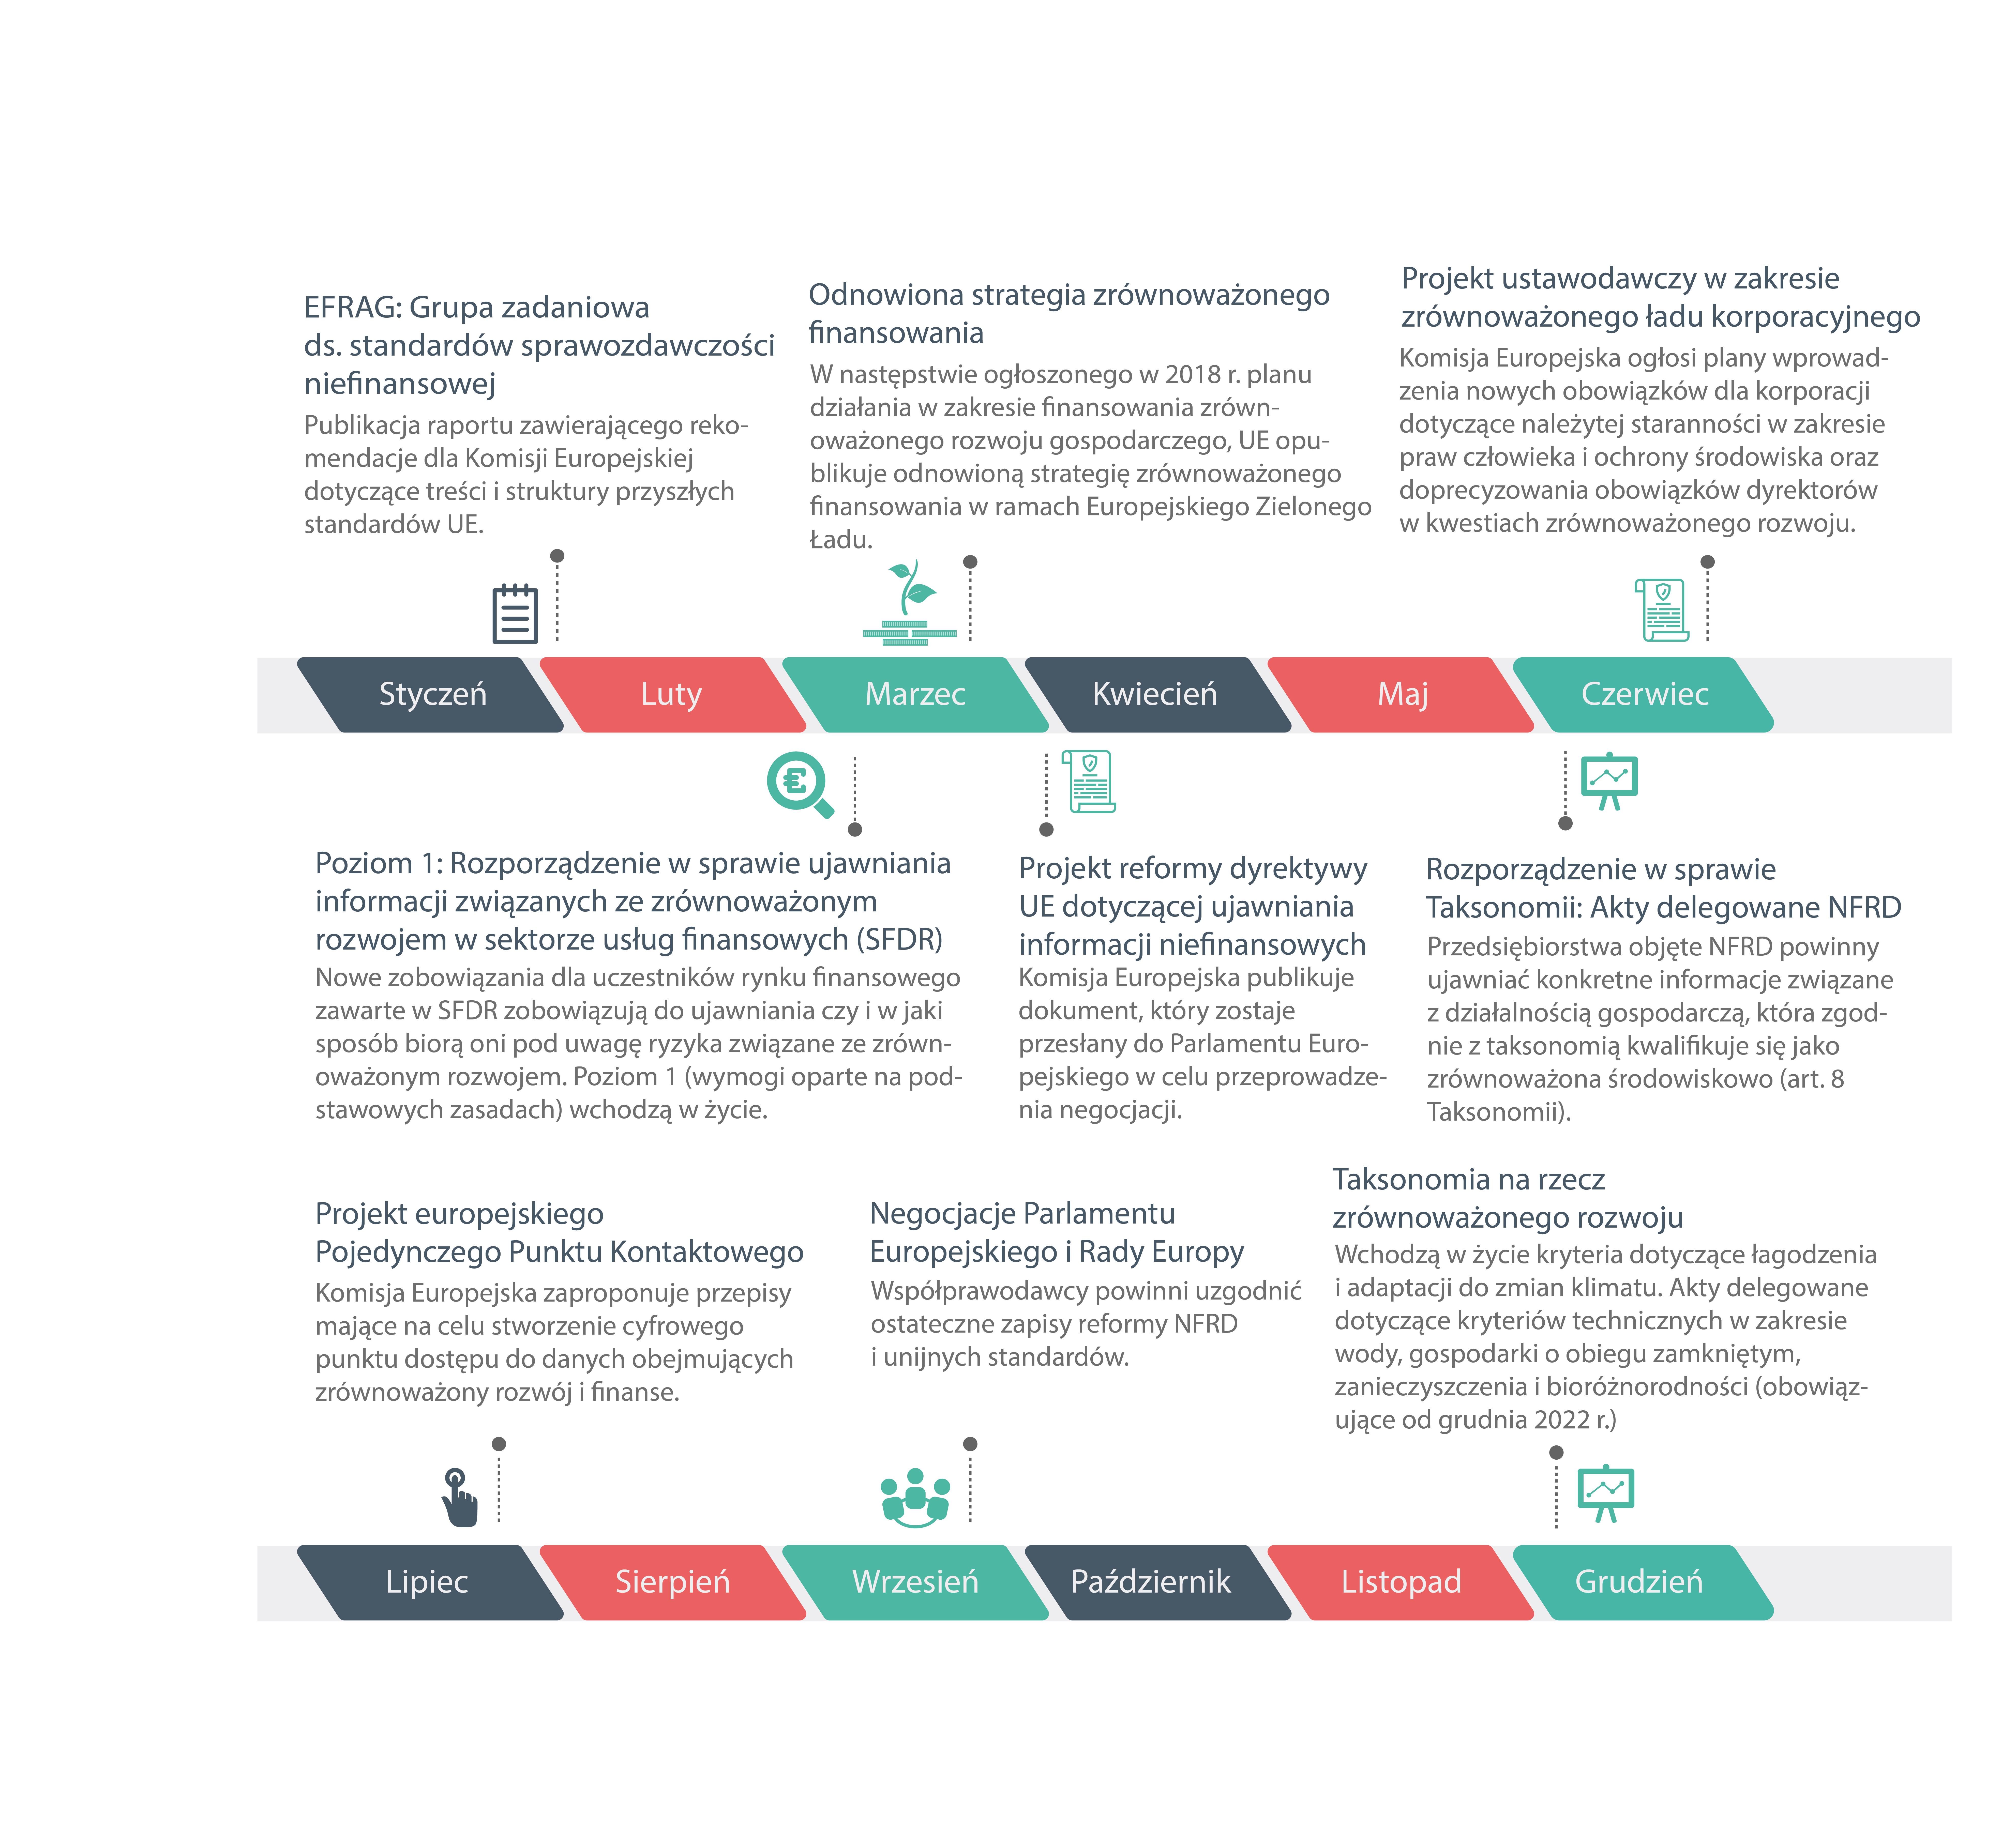 Dokumenty i nadchodzące zmiany prawne w 2021 r.